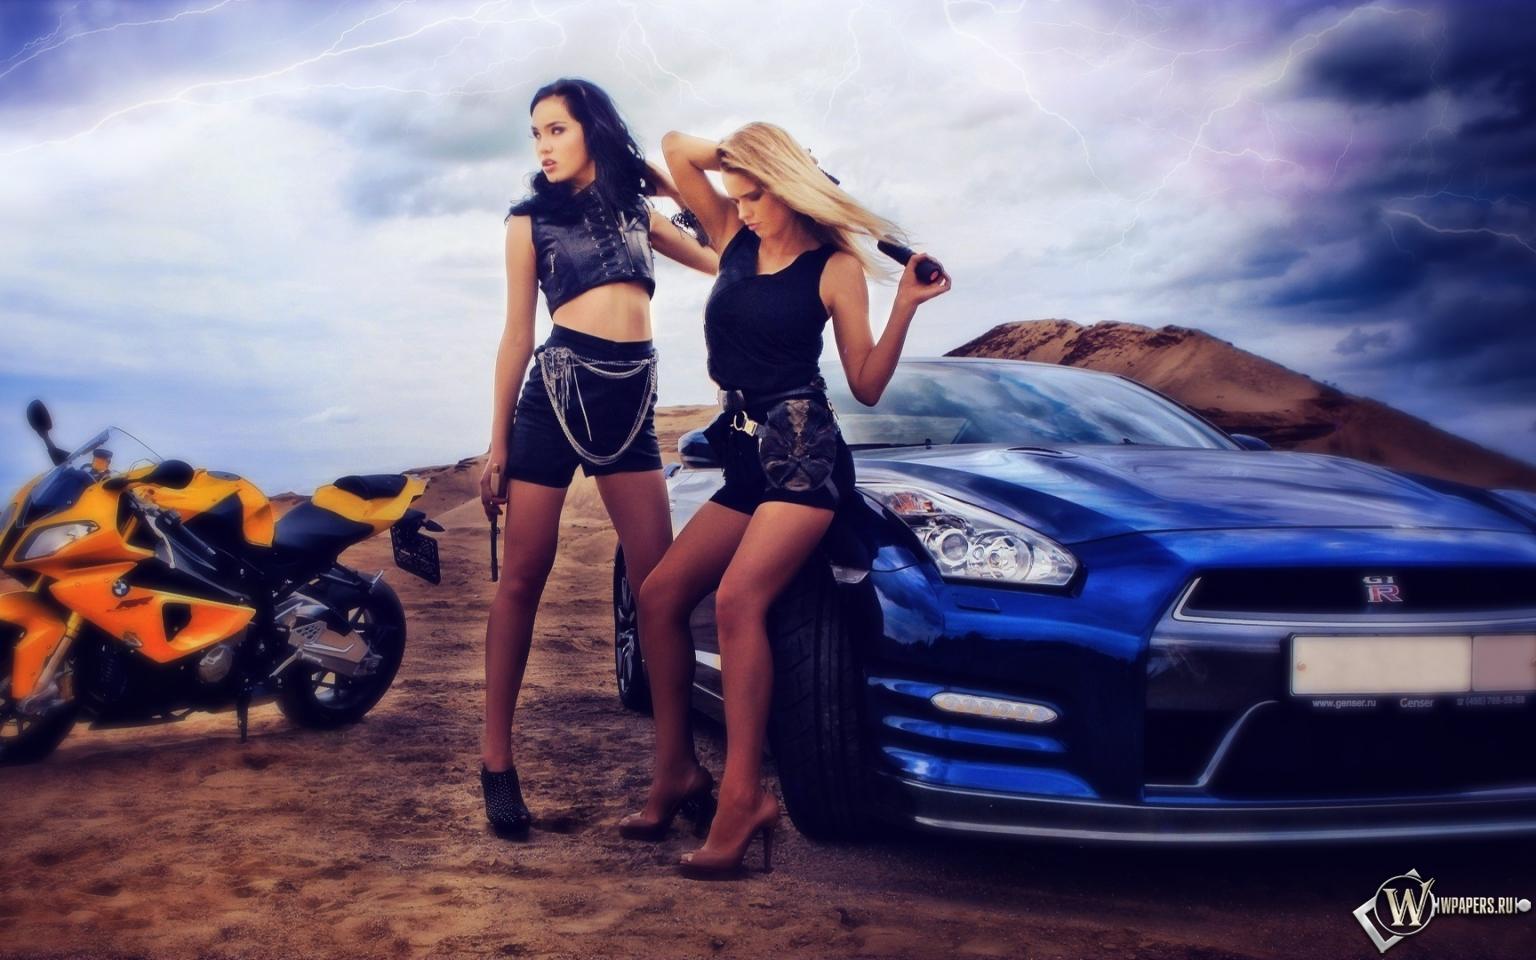 Фото девушек вылезающих из машины 7 фотография